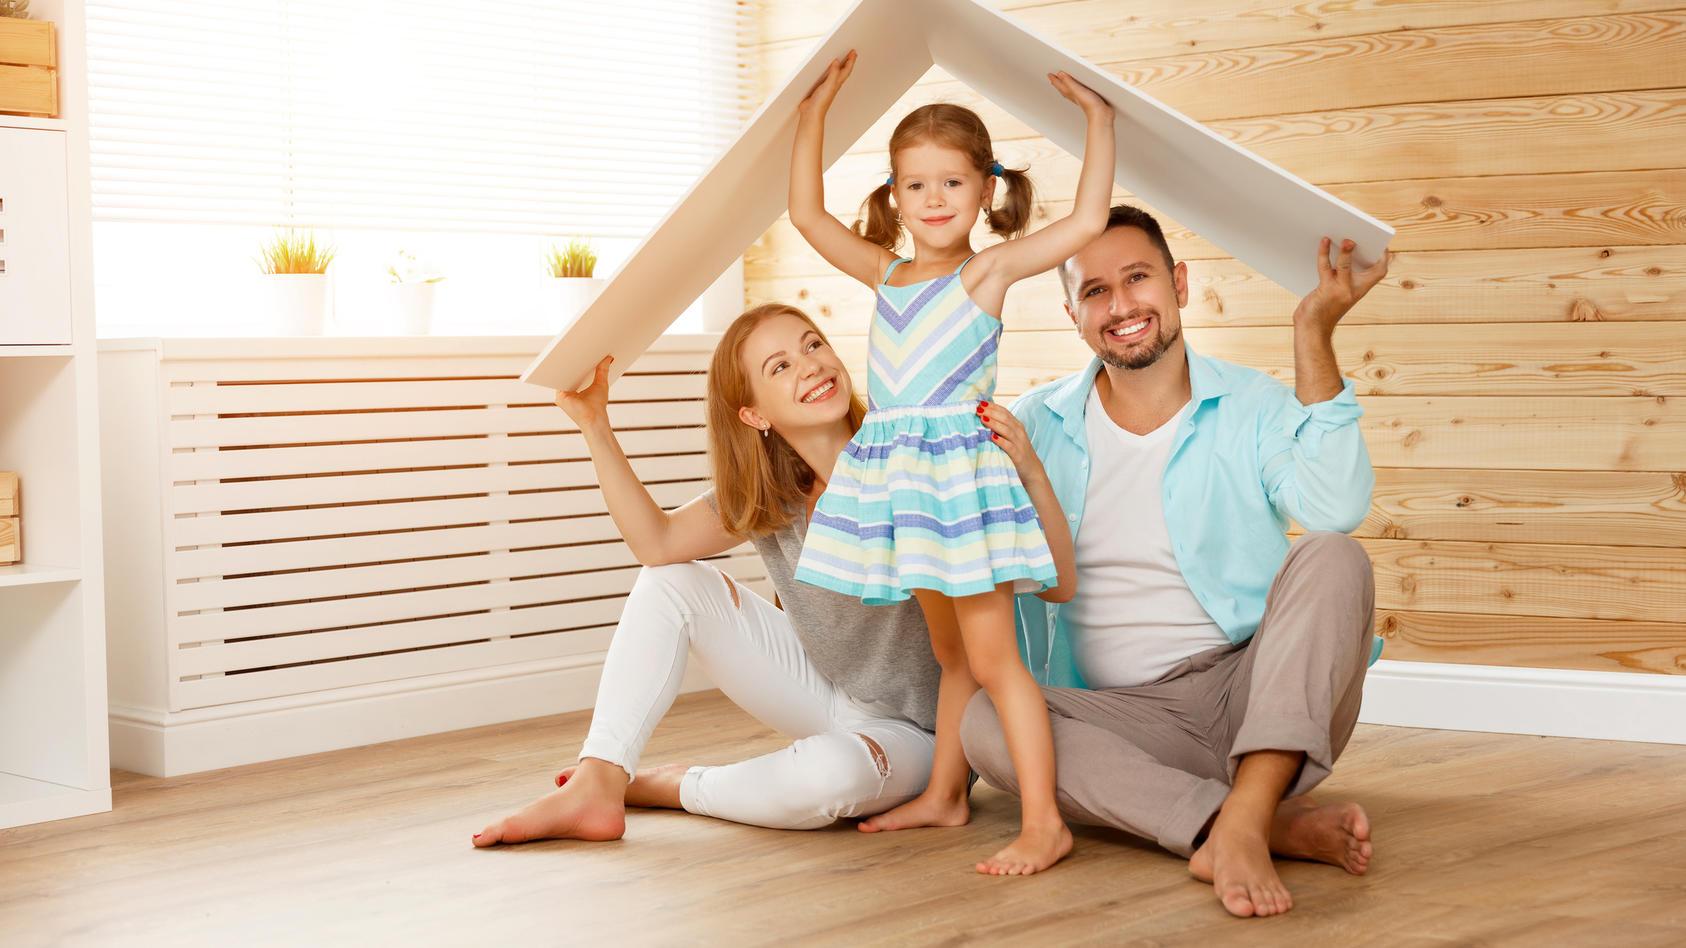 Familien können sich den Traum vom eigenen Haus nun vielleicht erfüllen.